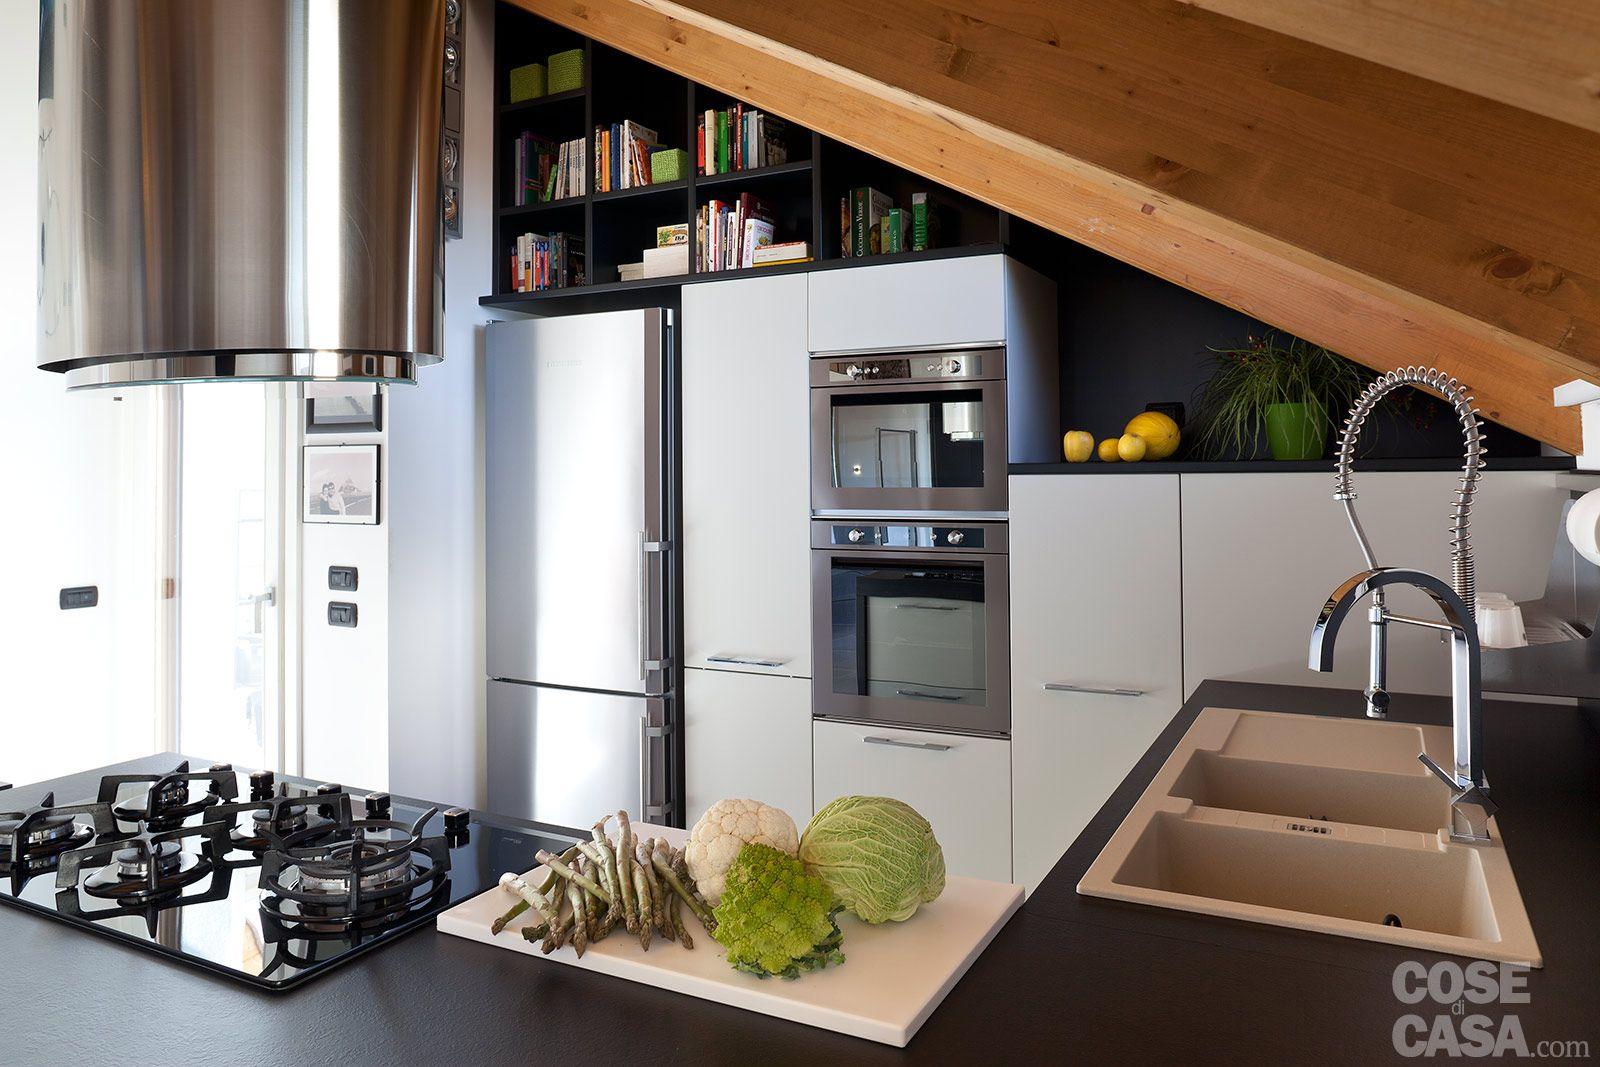 90+10 mq per una casa che sfrutta bene gli spazi | Soppalco, Studio ...